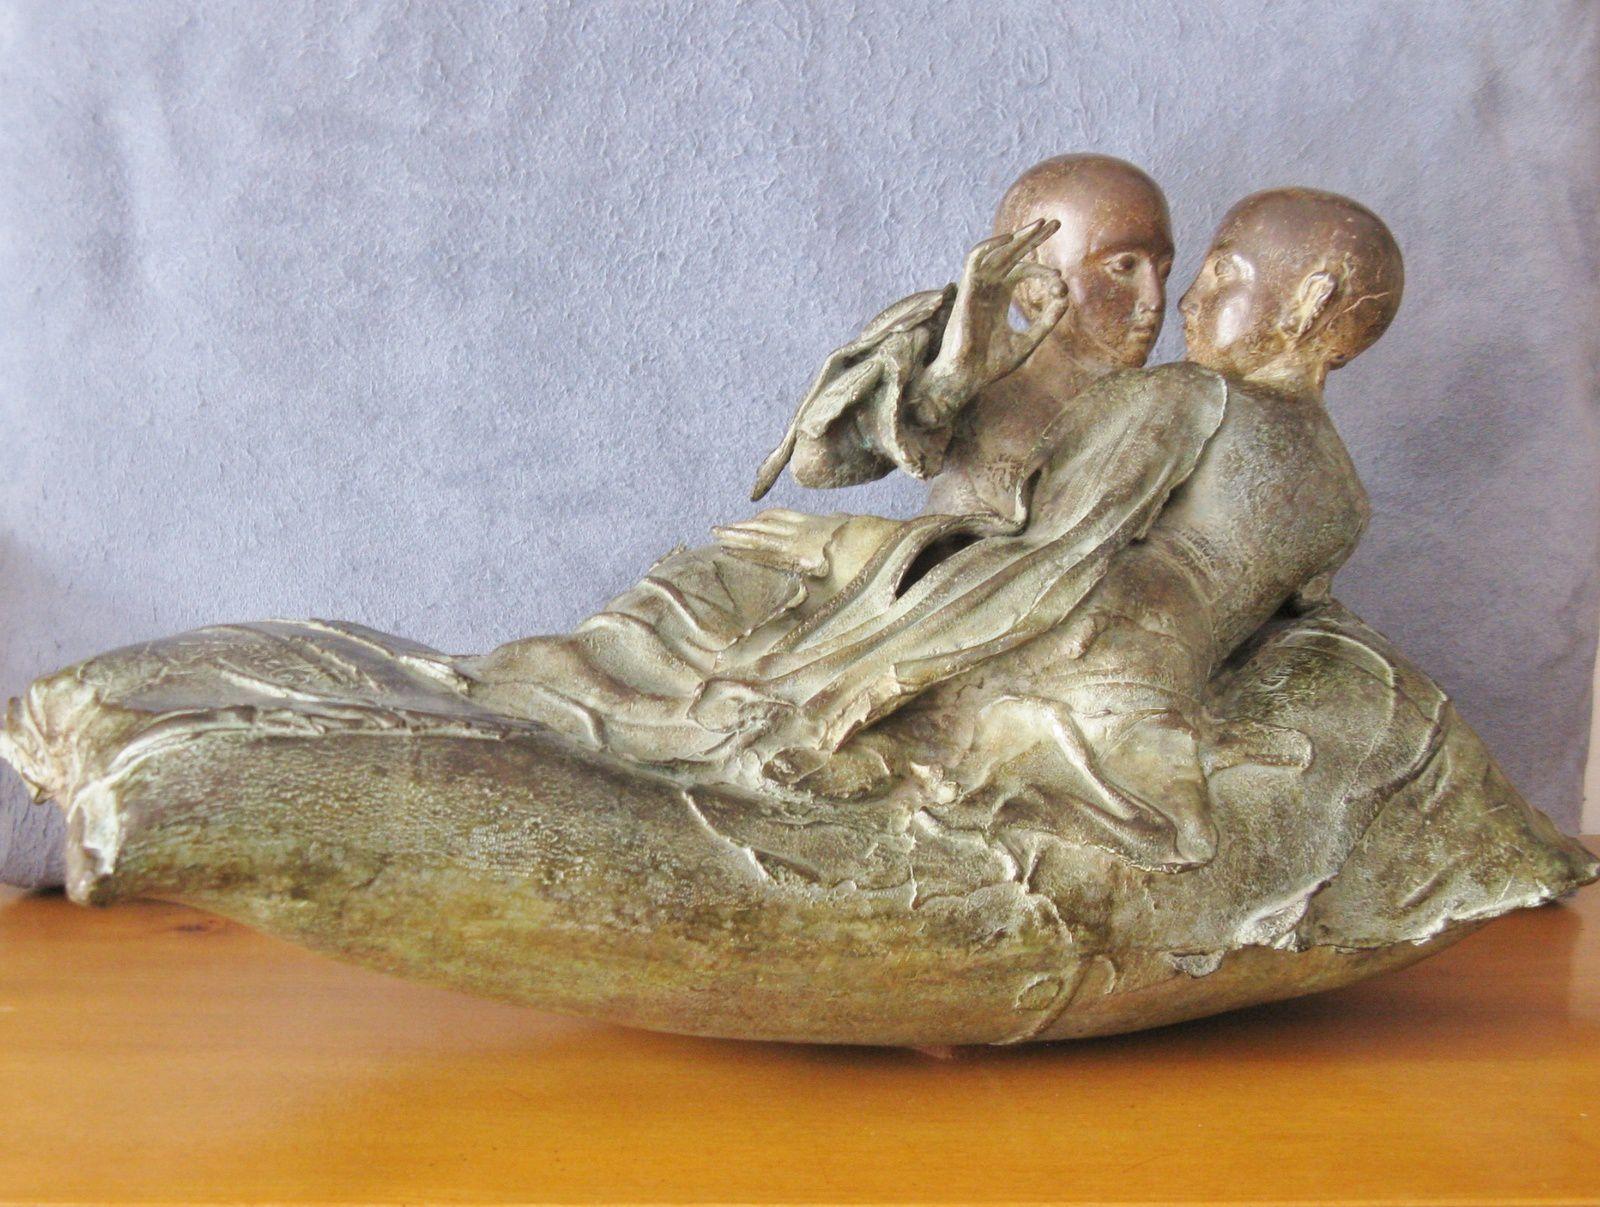 La barque, bronze de Georges Jeanclos (1933-1997)